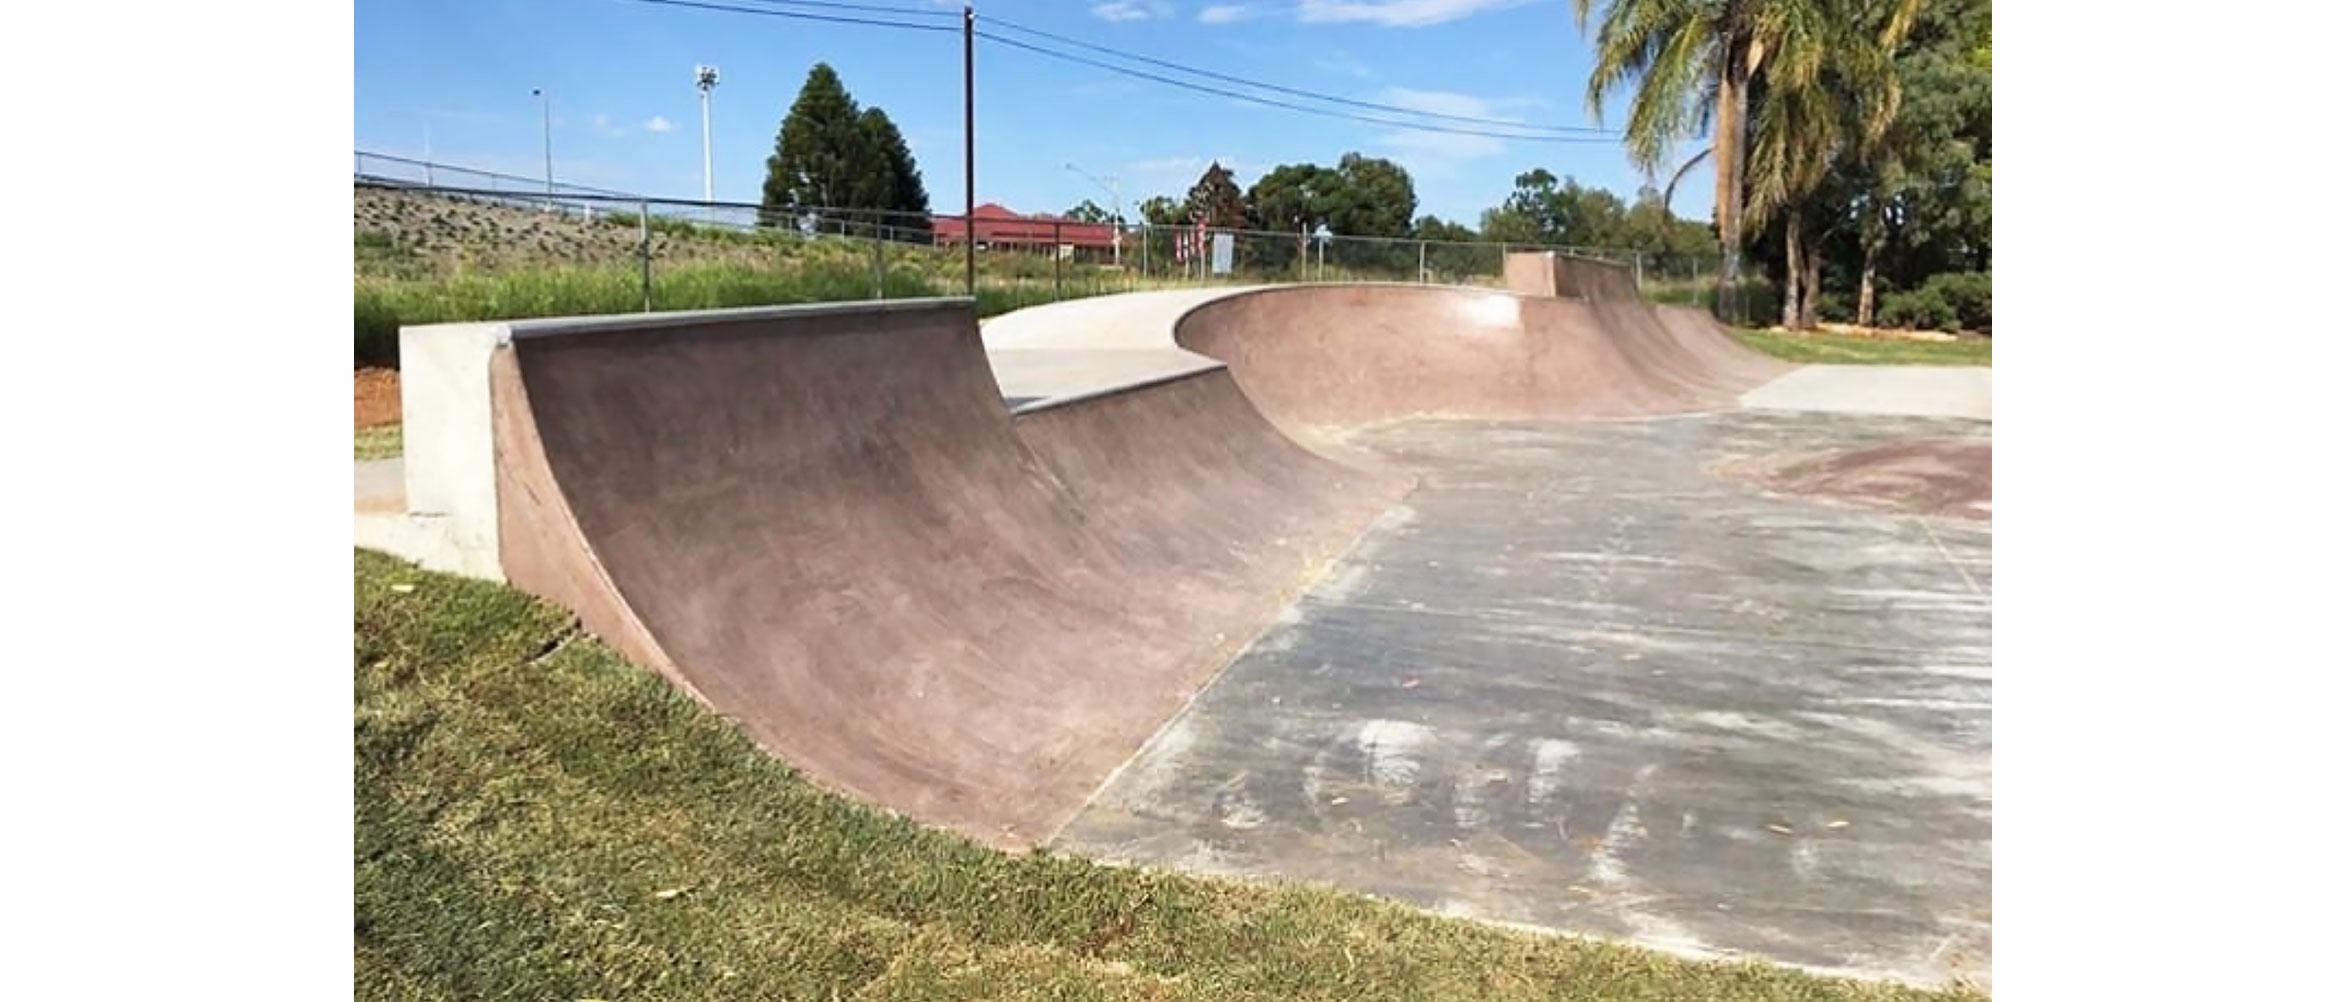 Chinchilla skate bowl